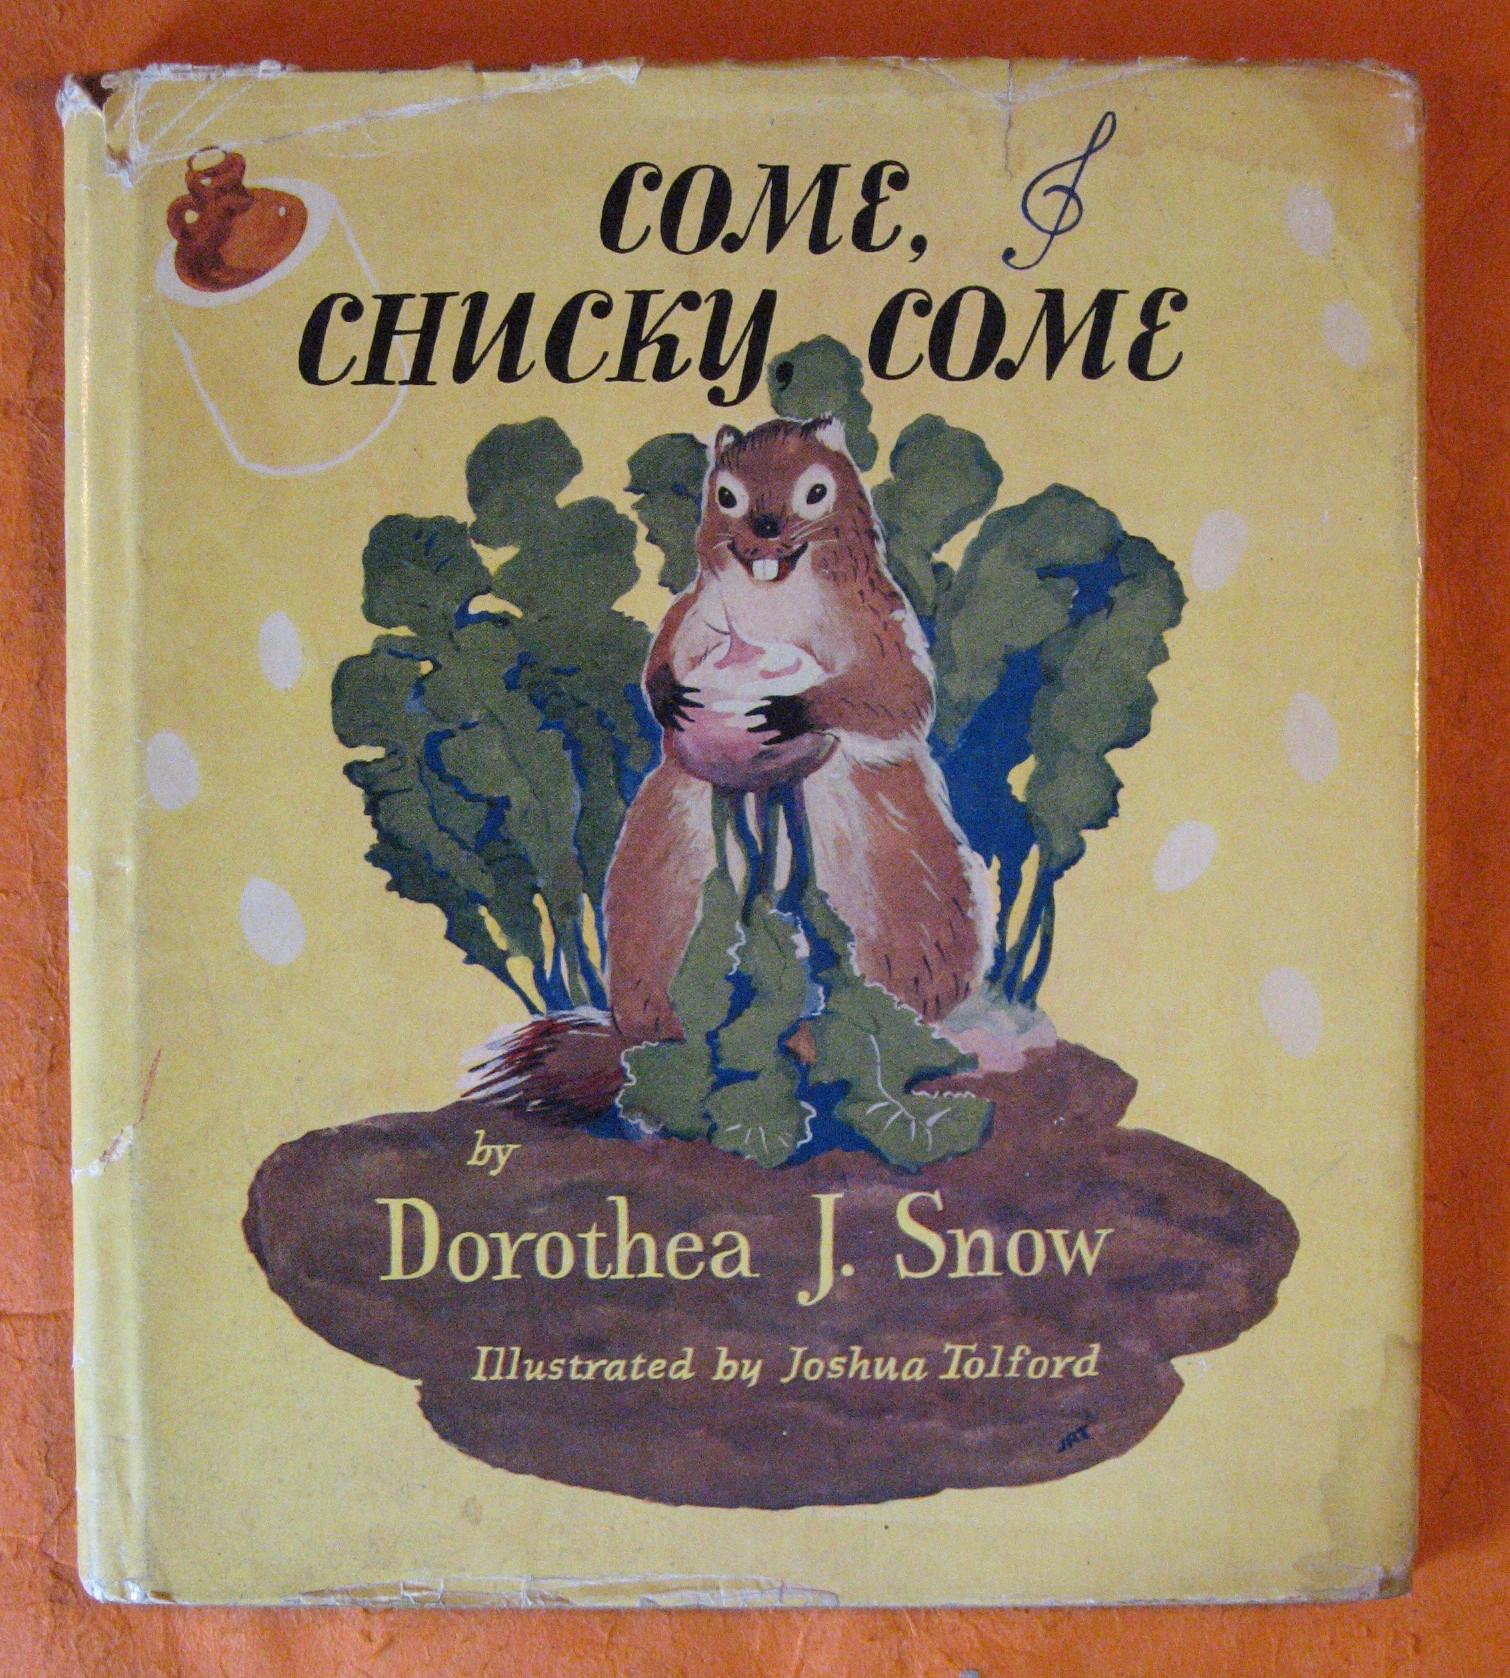 Come, Chucky Come, Snow, Dorothea J.